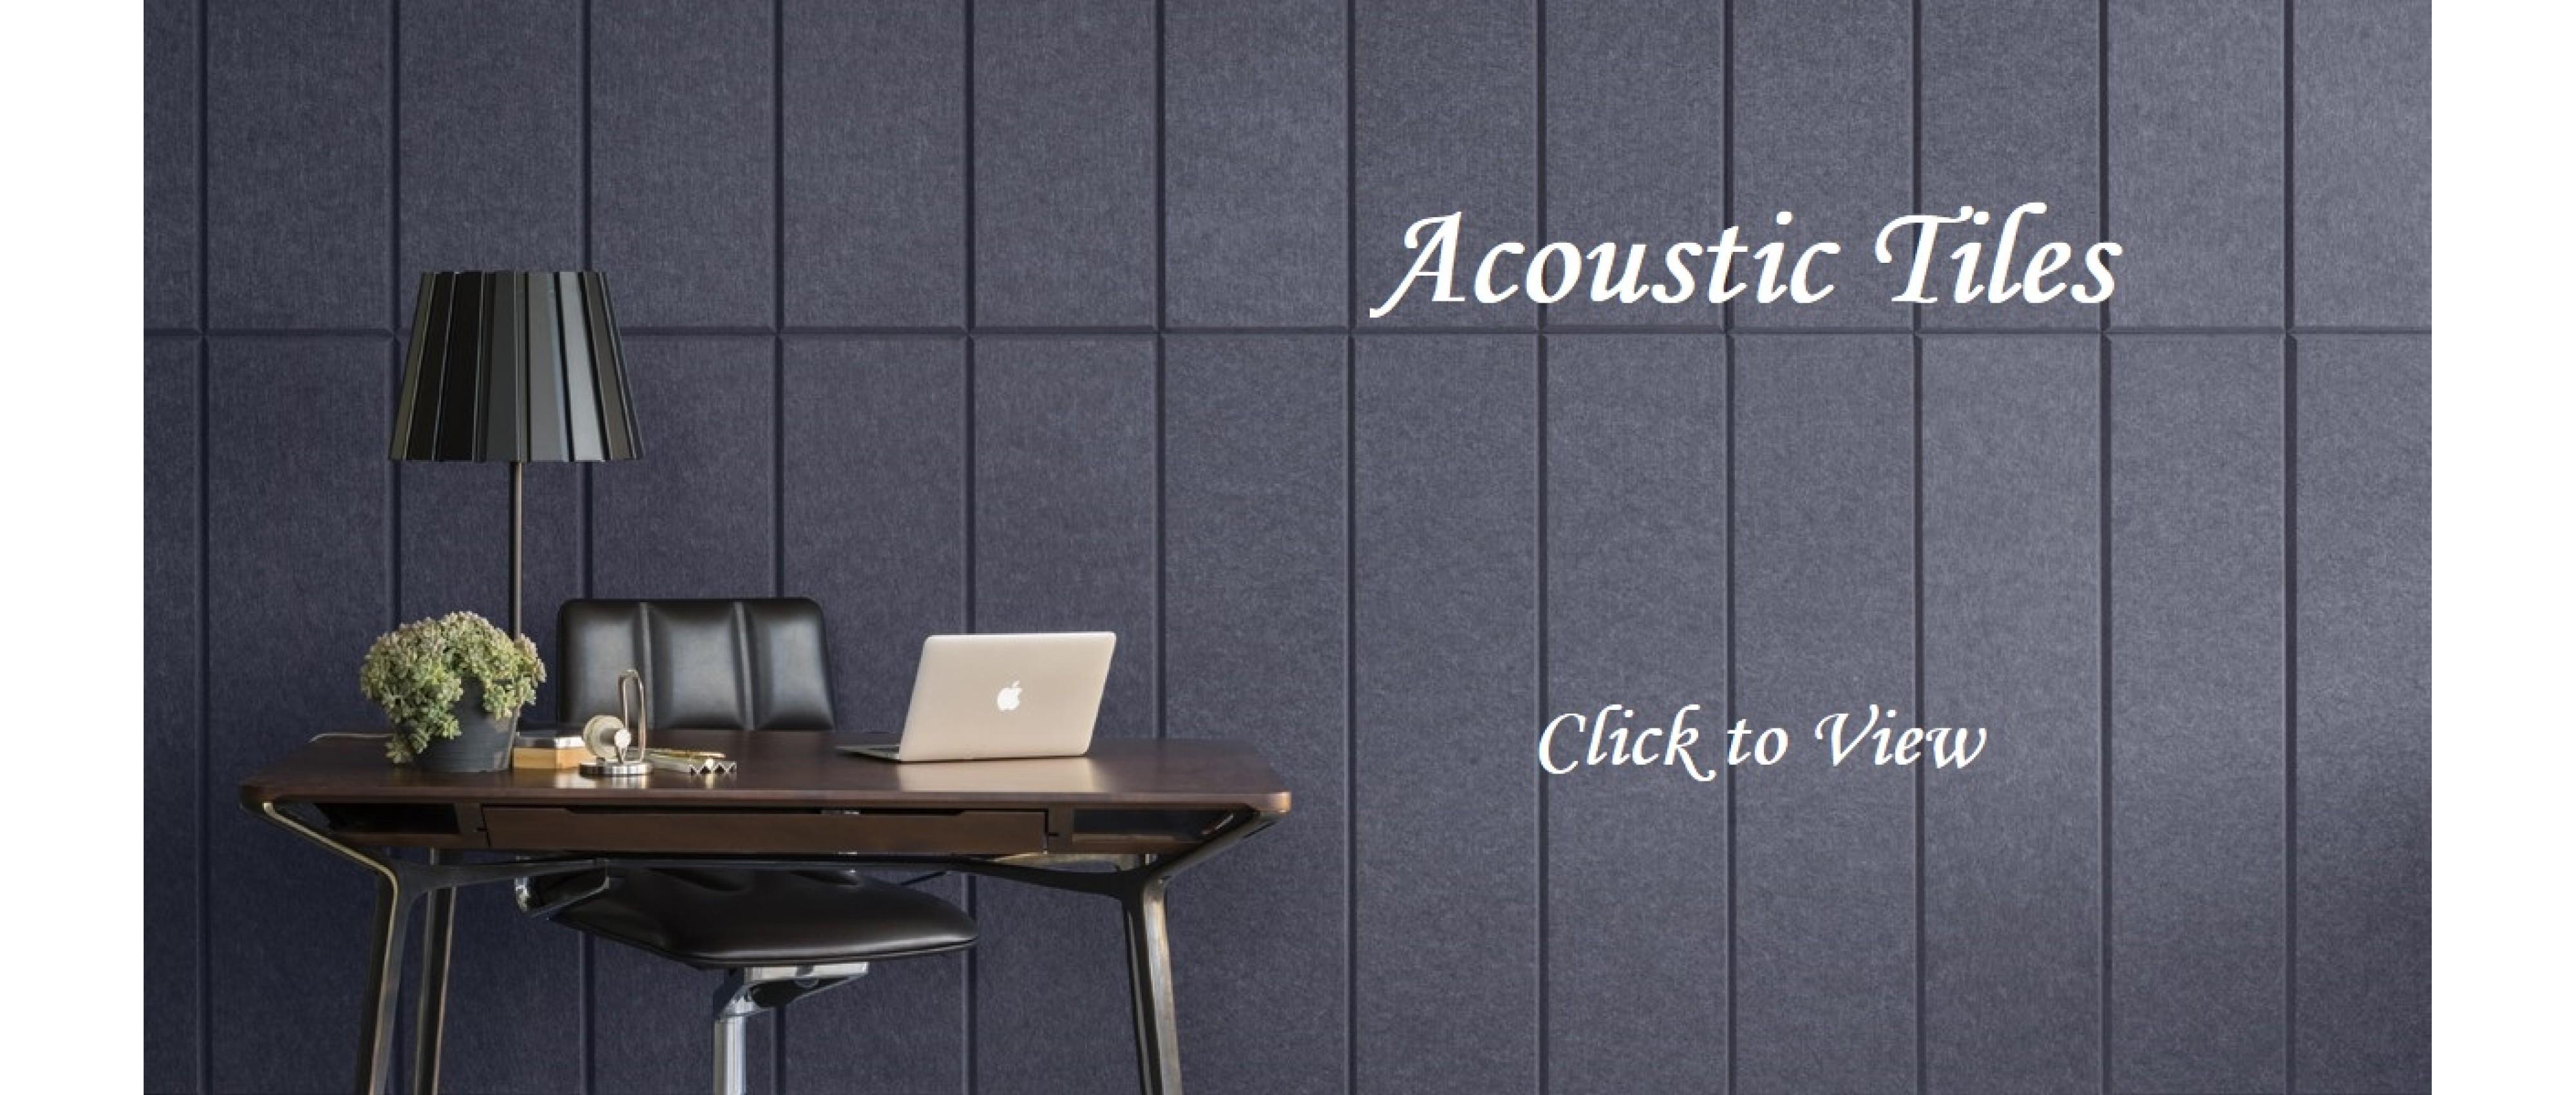 Acoustic Tiles (a)